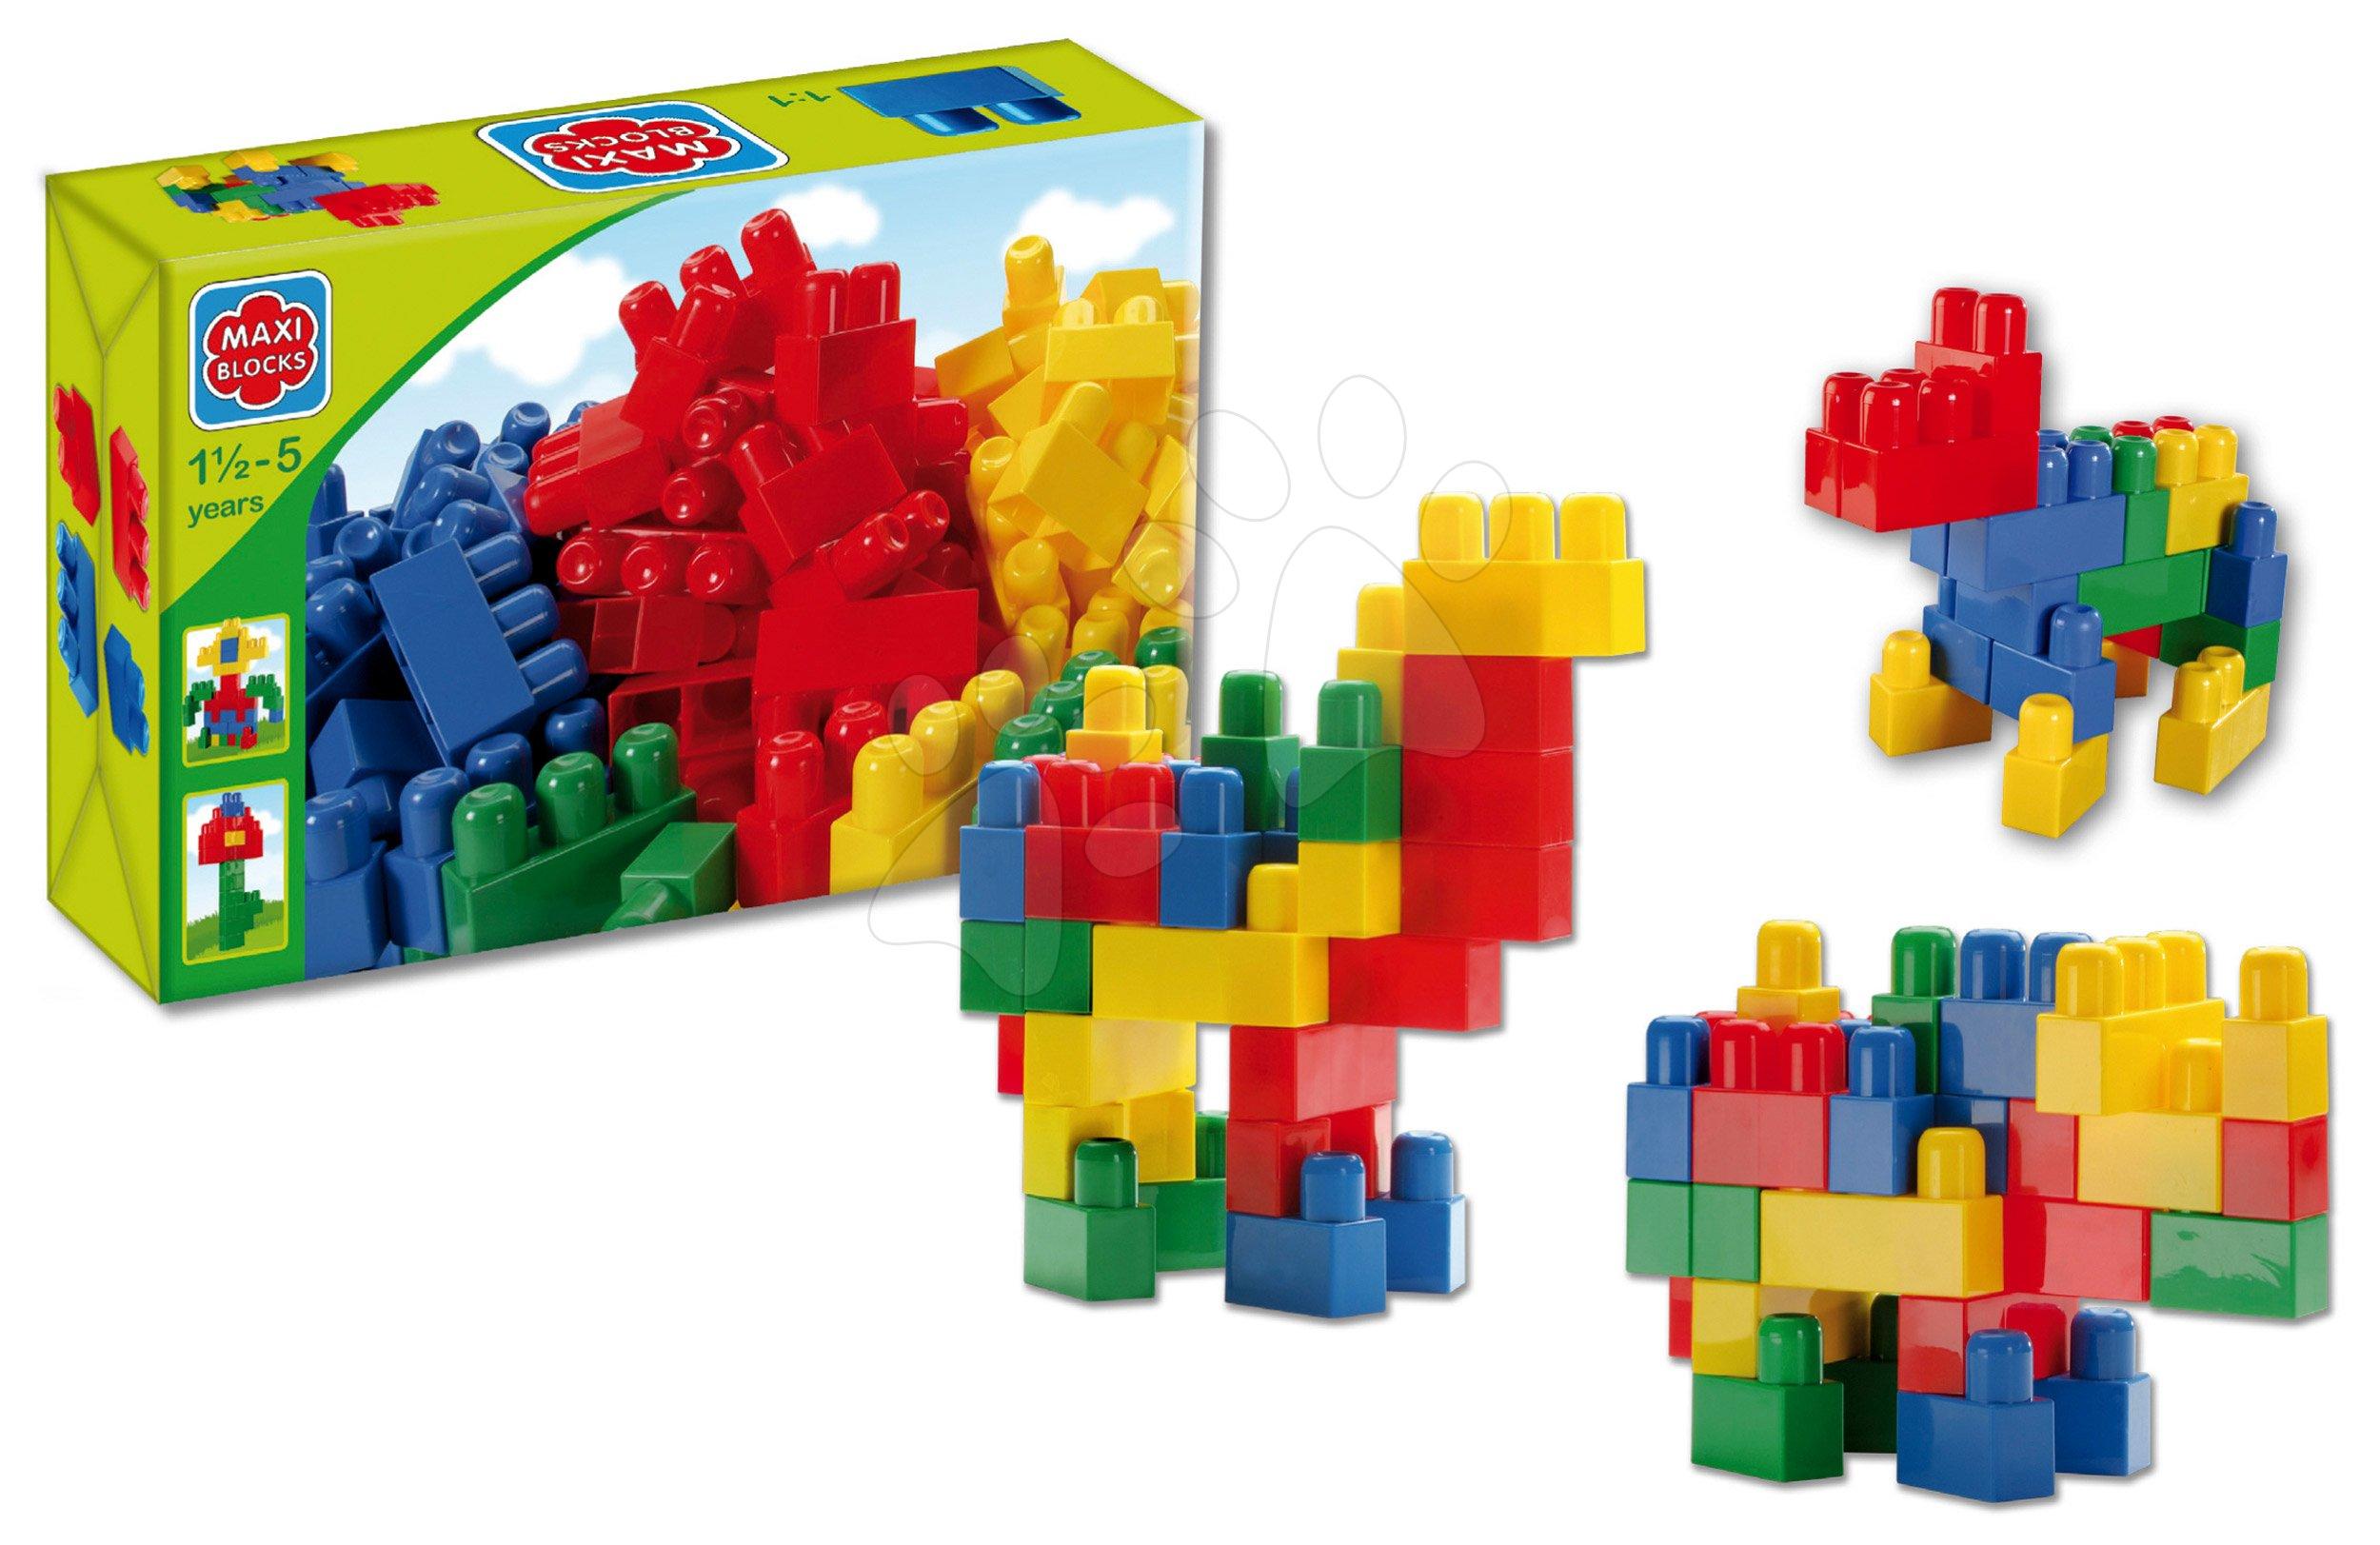 Dohány detská stavebnica Maxi Blocks 677